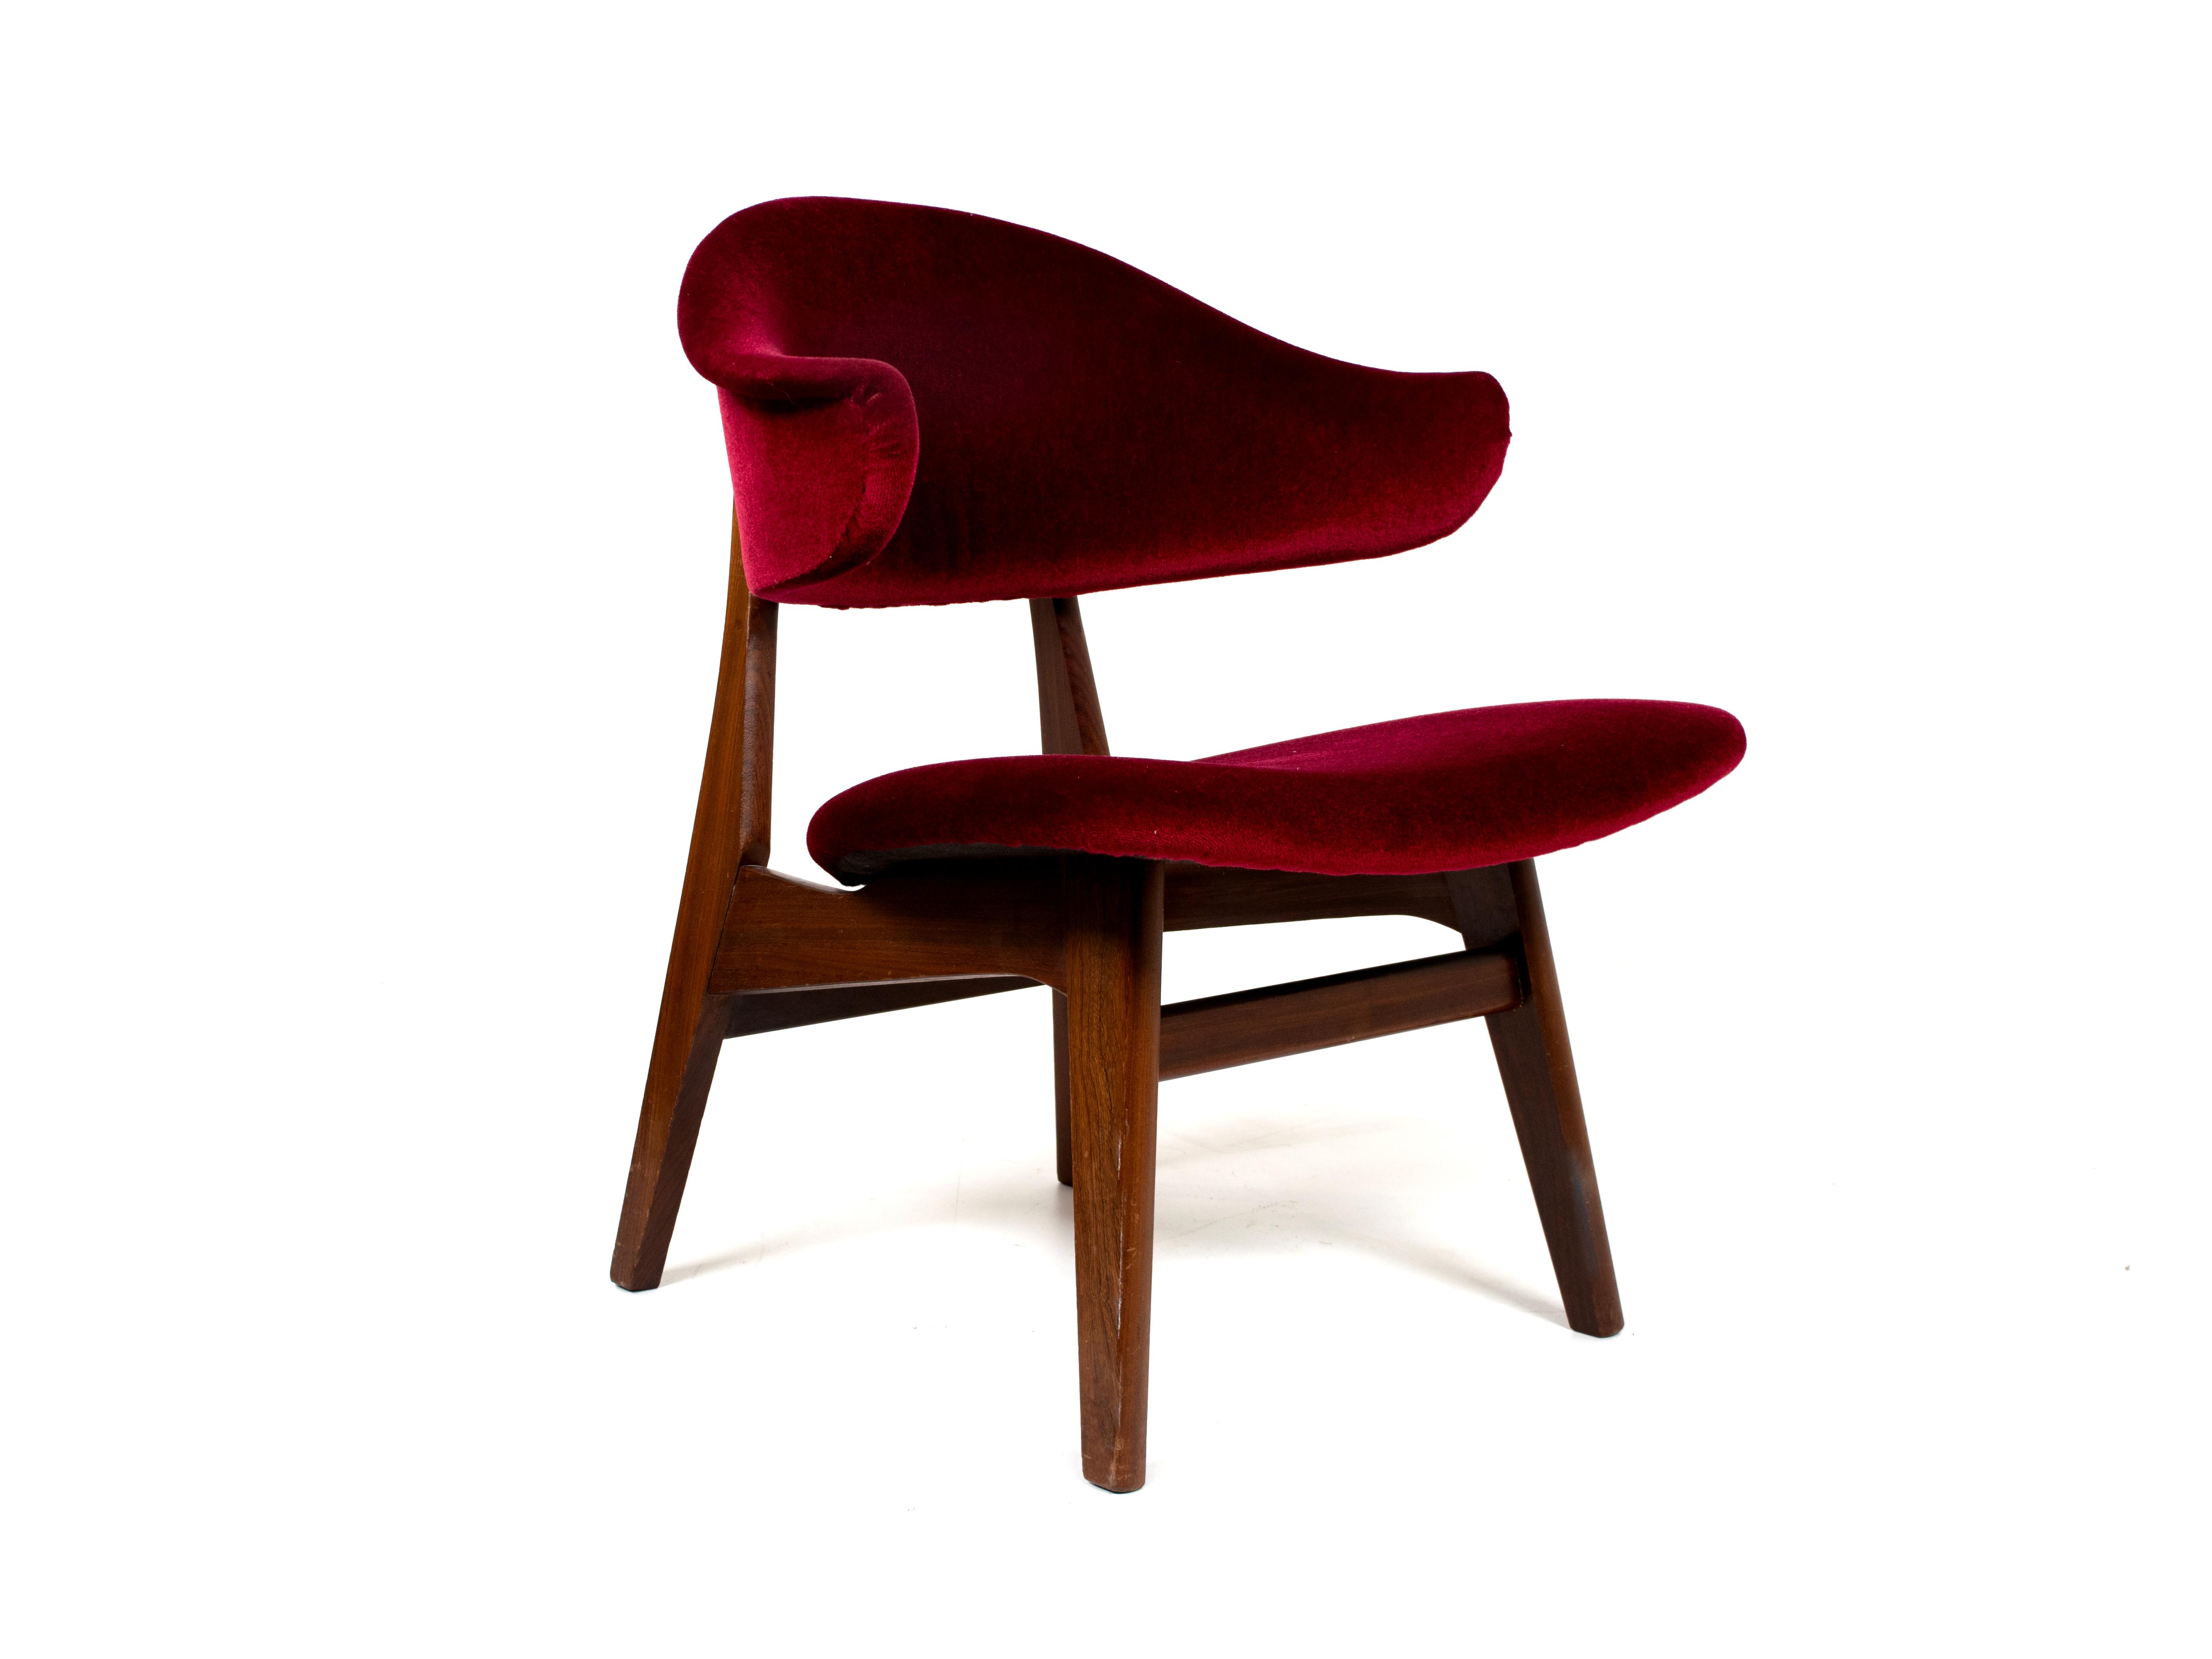 Vintage Wing Arm Chair in Teak and Fabric, Louis van Teeffelen style, 1960s